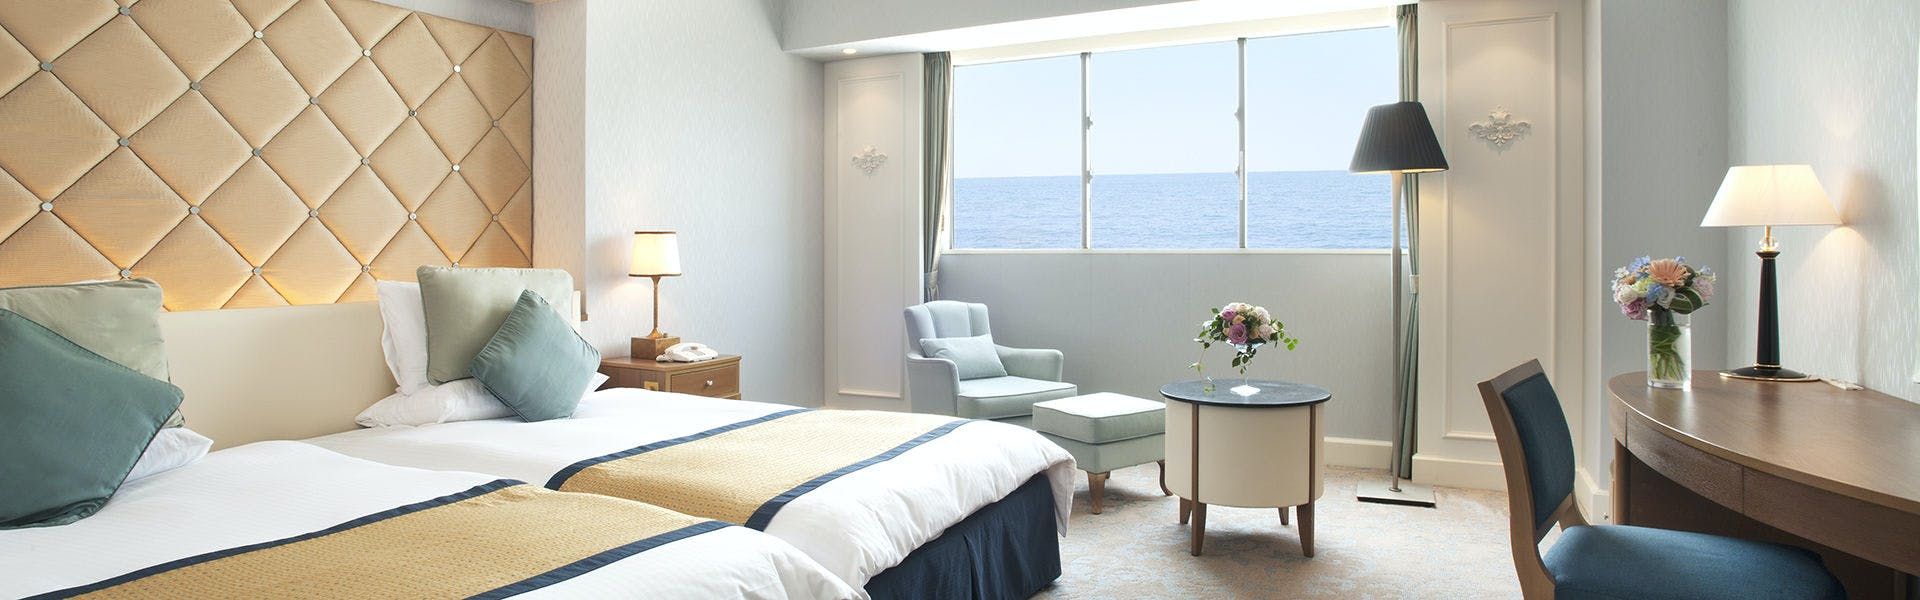 ホテルオークラ東京ベイ - 宿泊予約は[一休]